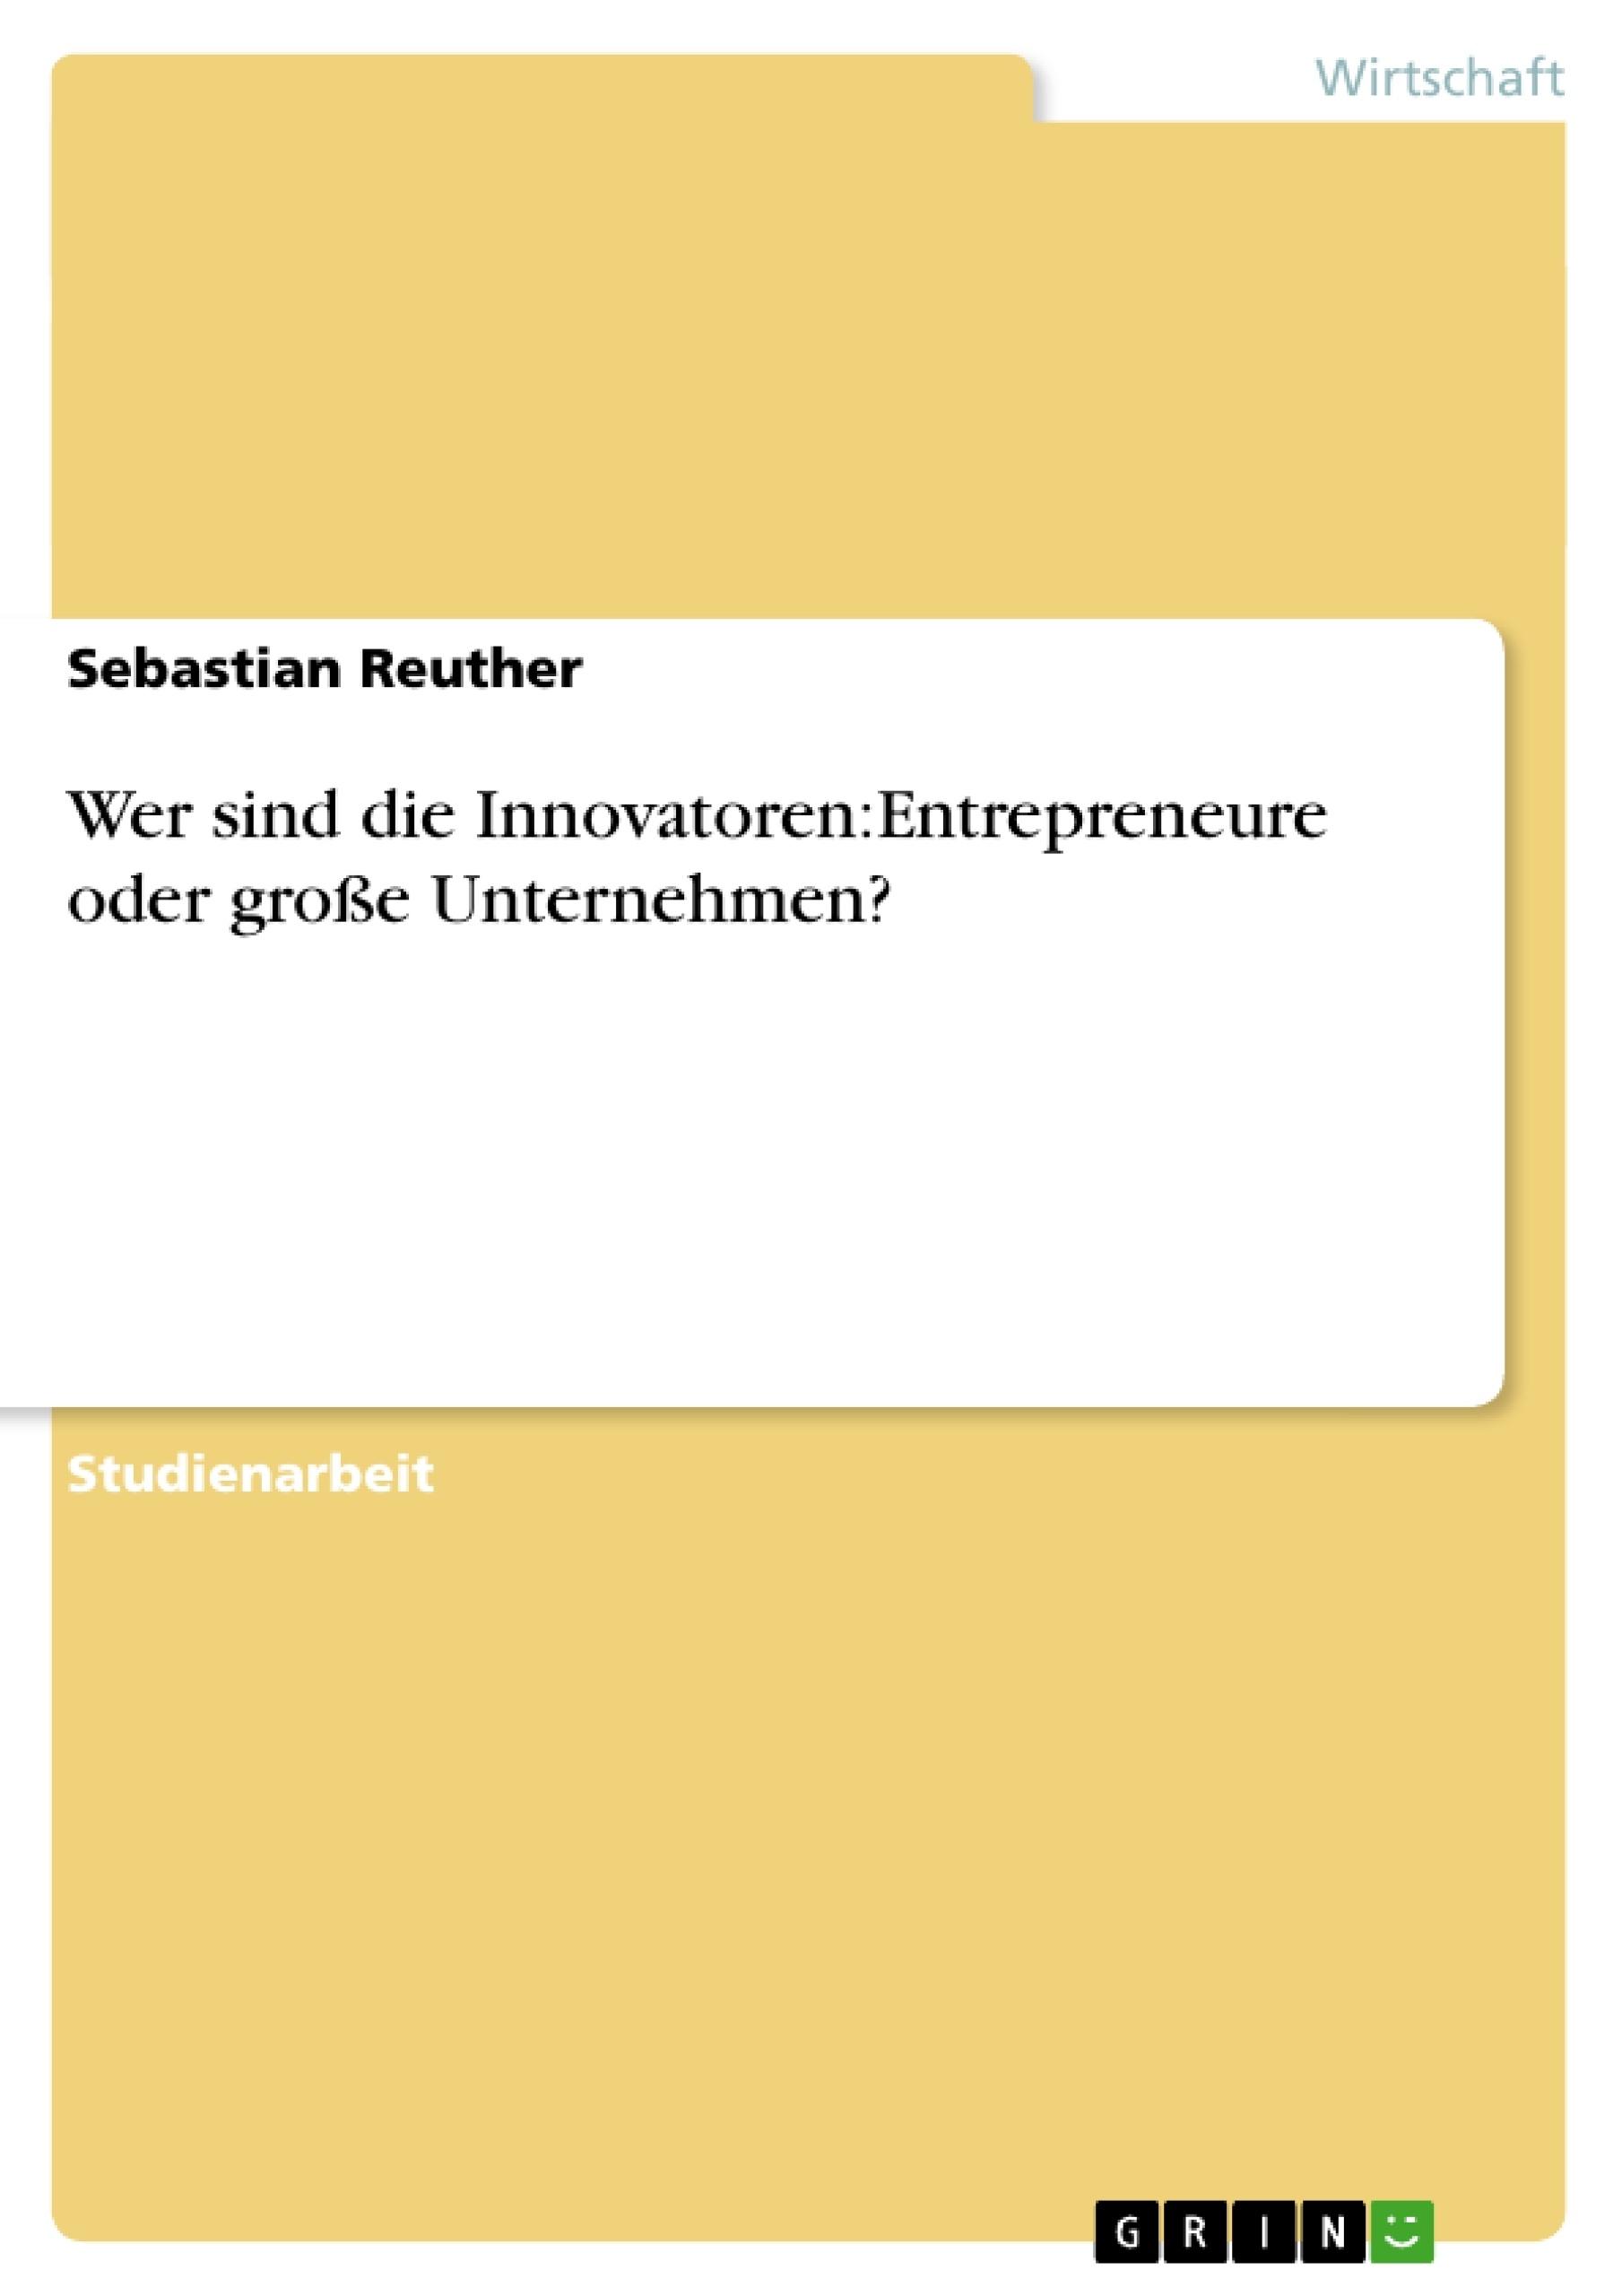 Titel: Wer sind die Innovatoren:Entrepreneure oder große Unternehmen?